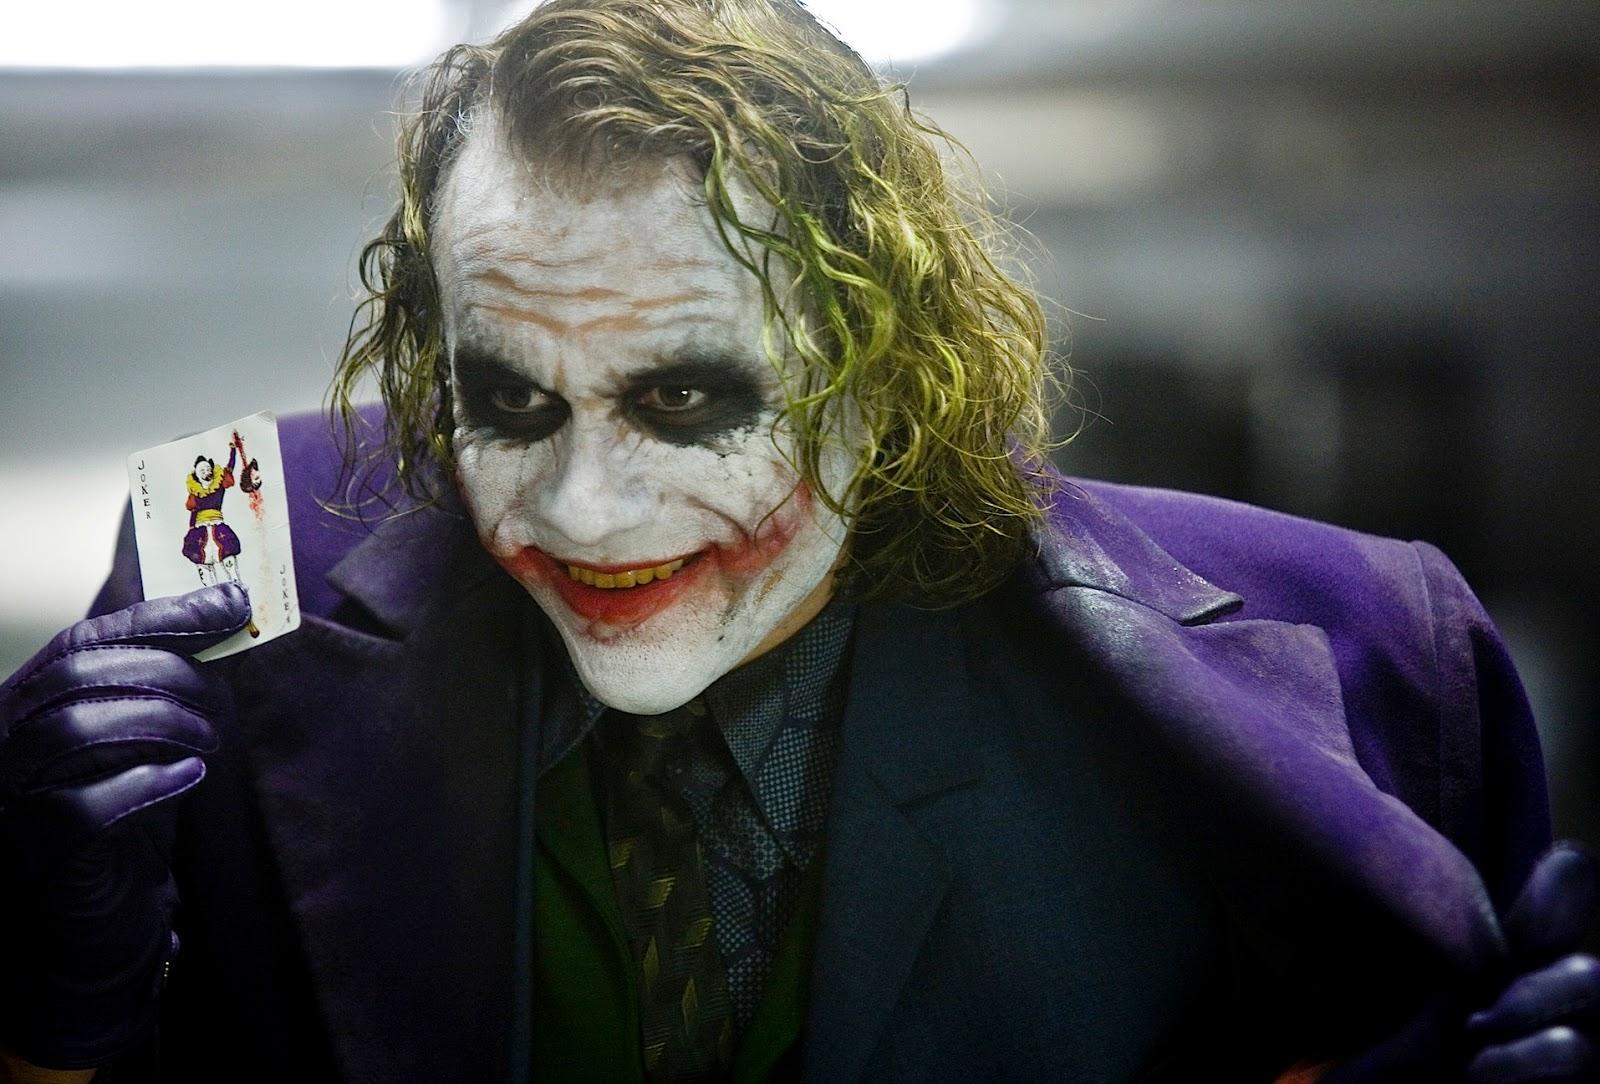 【速報】新しいバットマンのジョーカー役の写真公開 ヒース・レジャー超えたか?